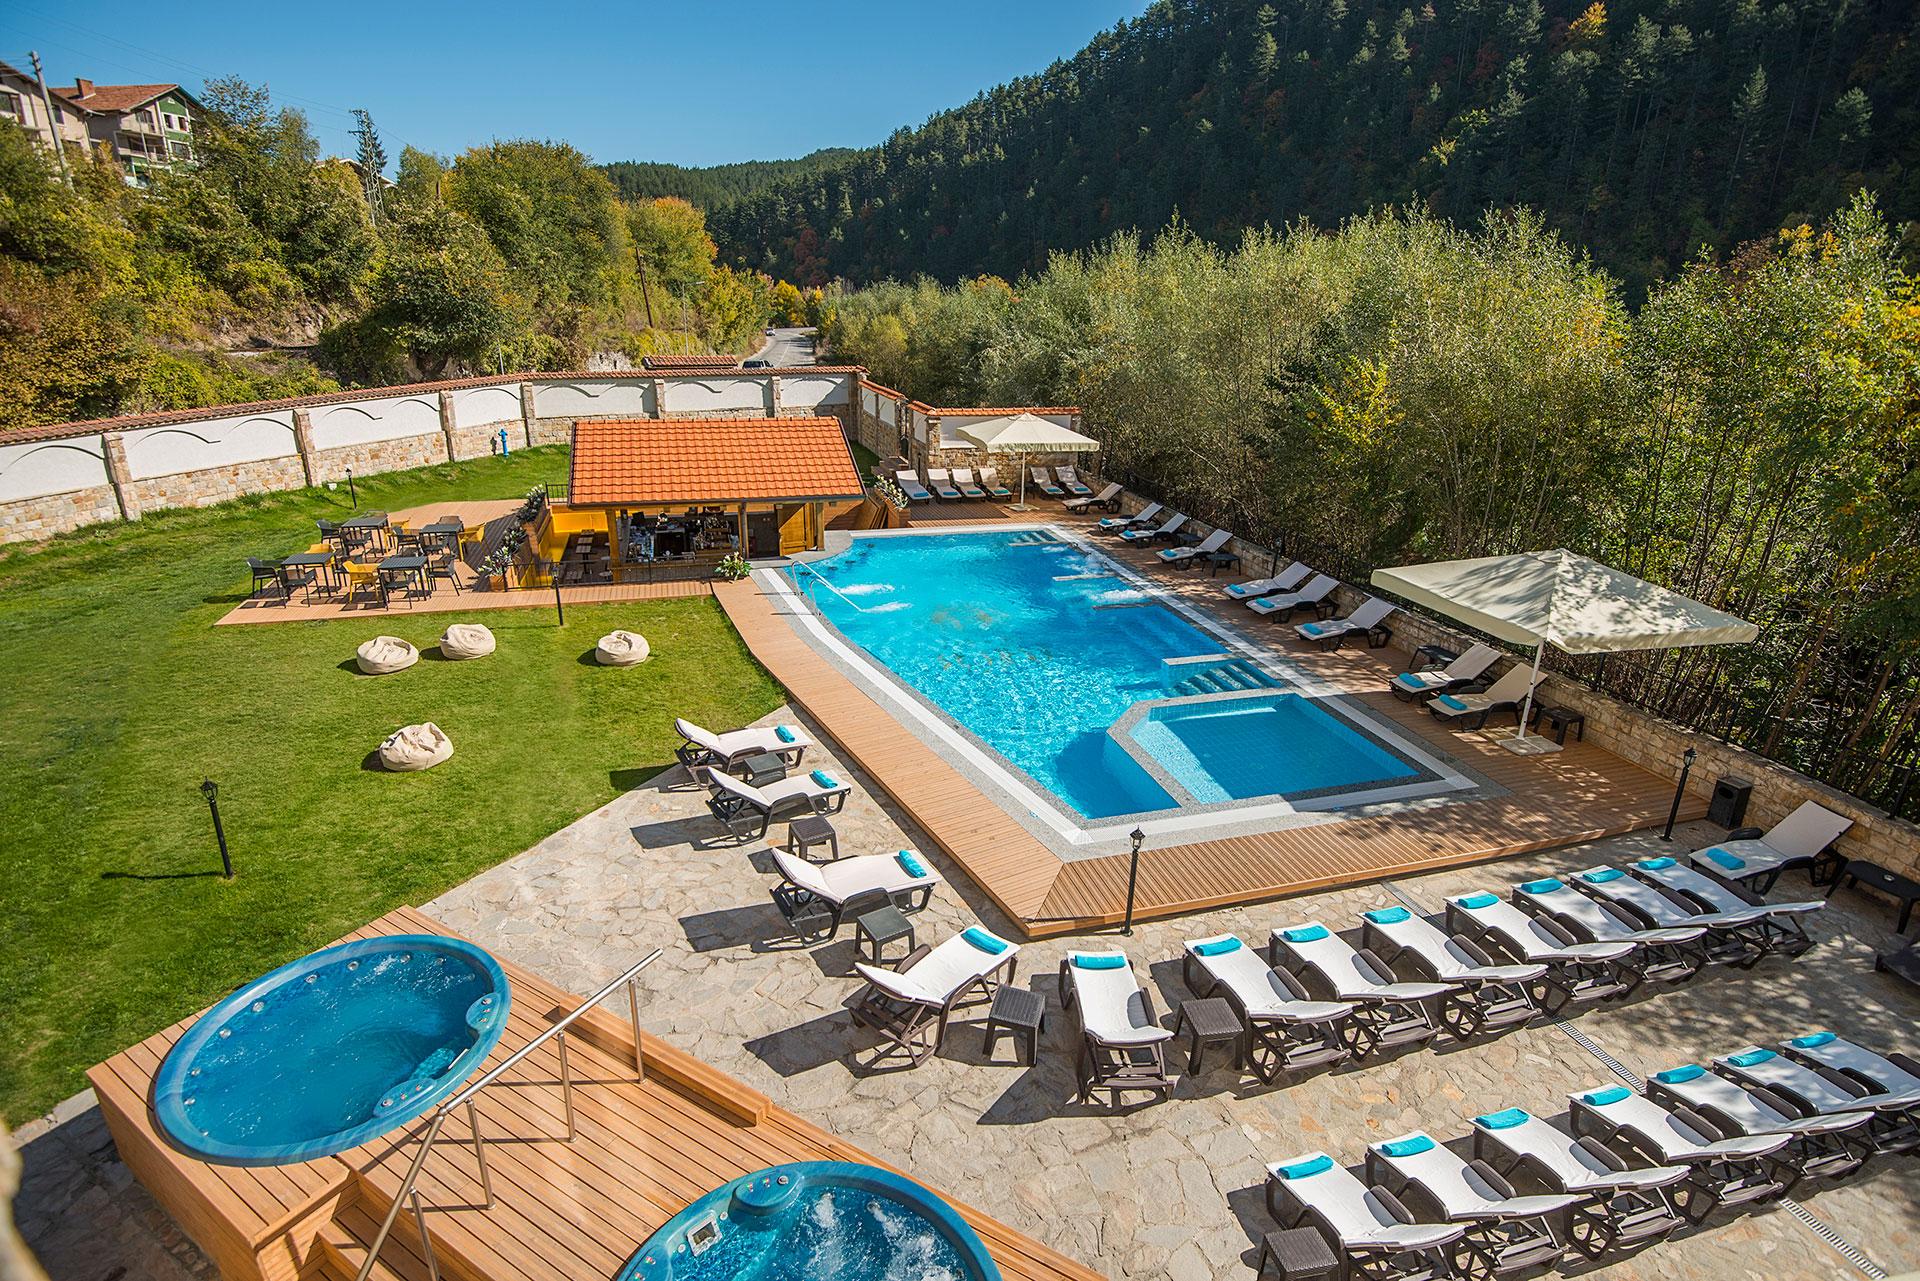 Акватоничен външен басейн с вграден бар сред девствената природа, заобикаляща хотел Свети Спас Велинград